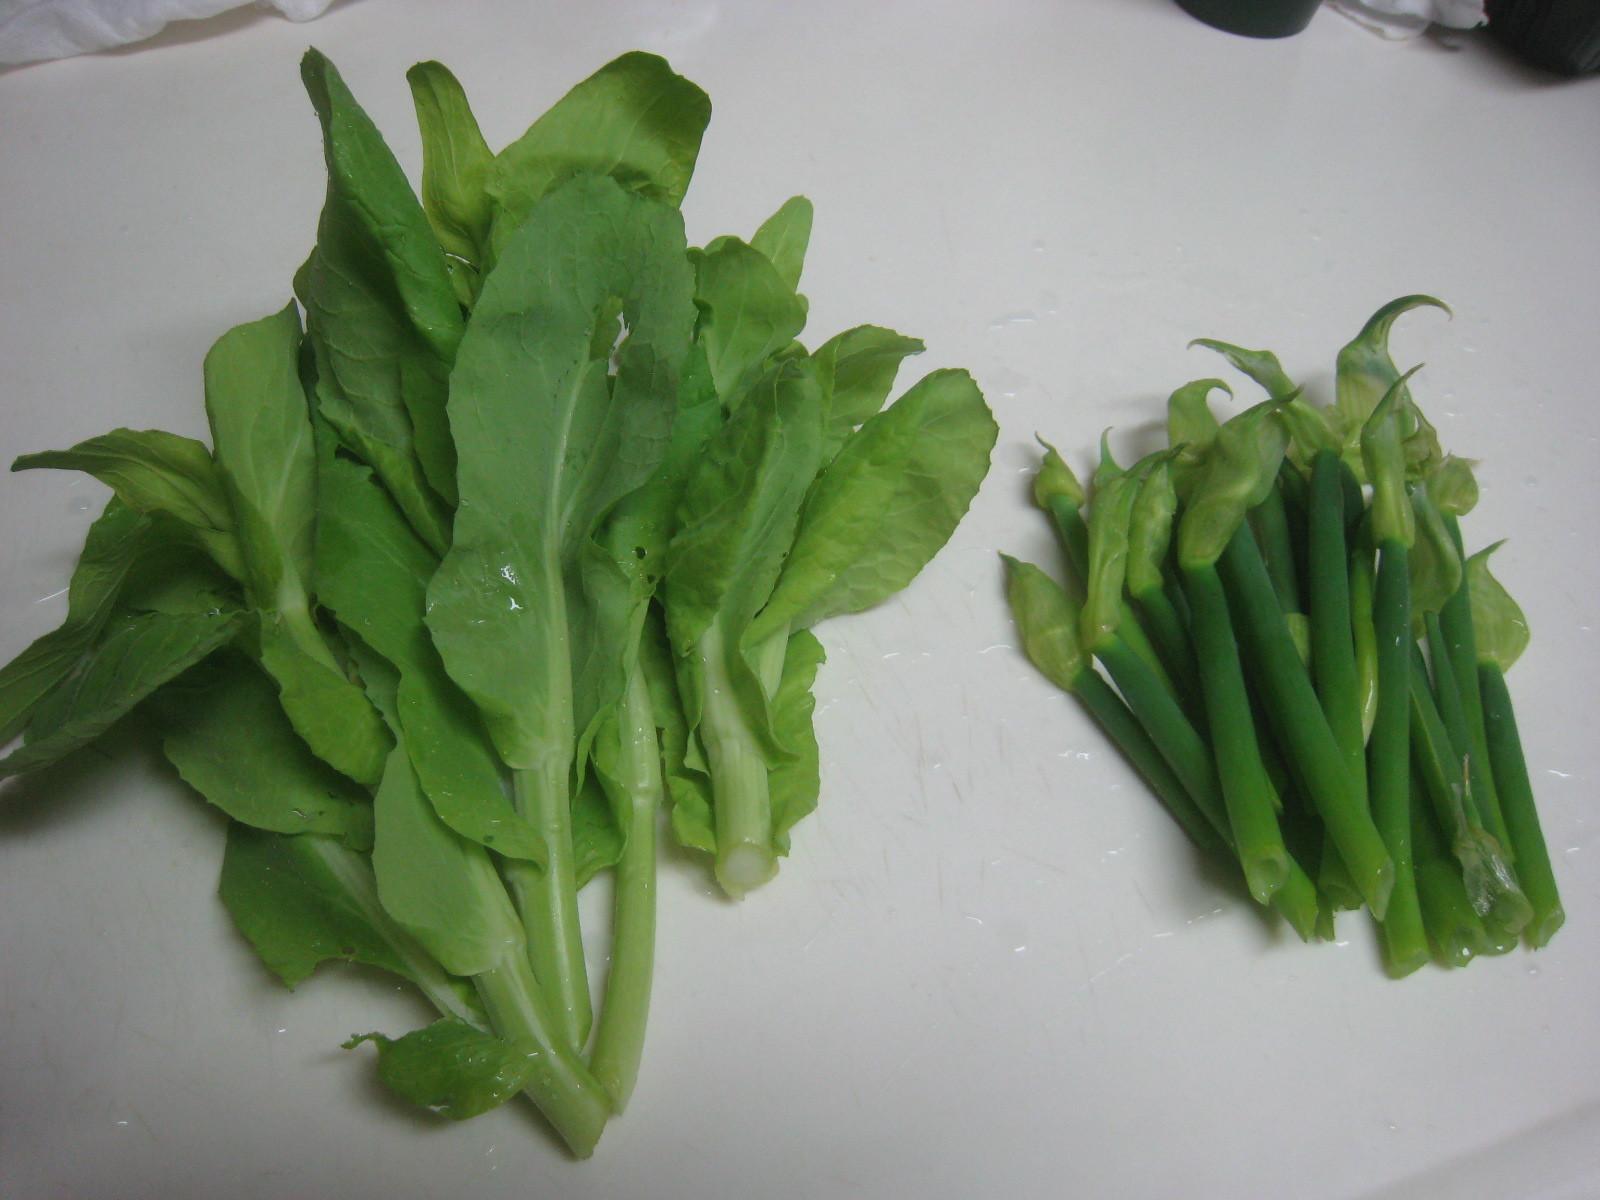 早春の収穫物いろいろ_e0121558_21480965.jpg